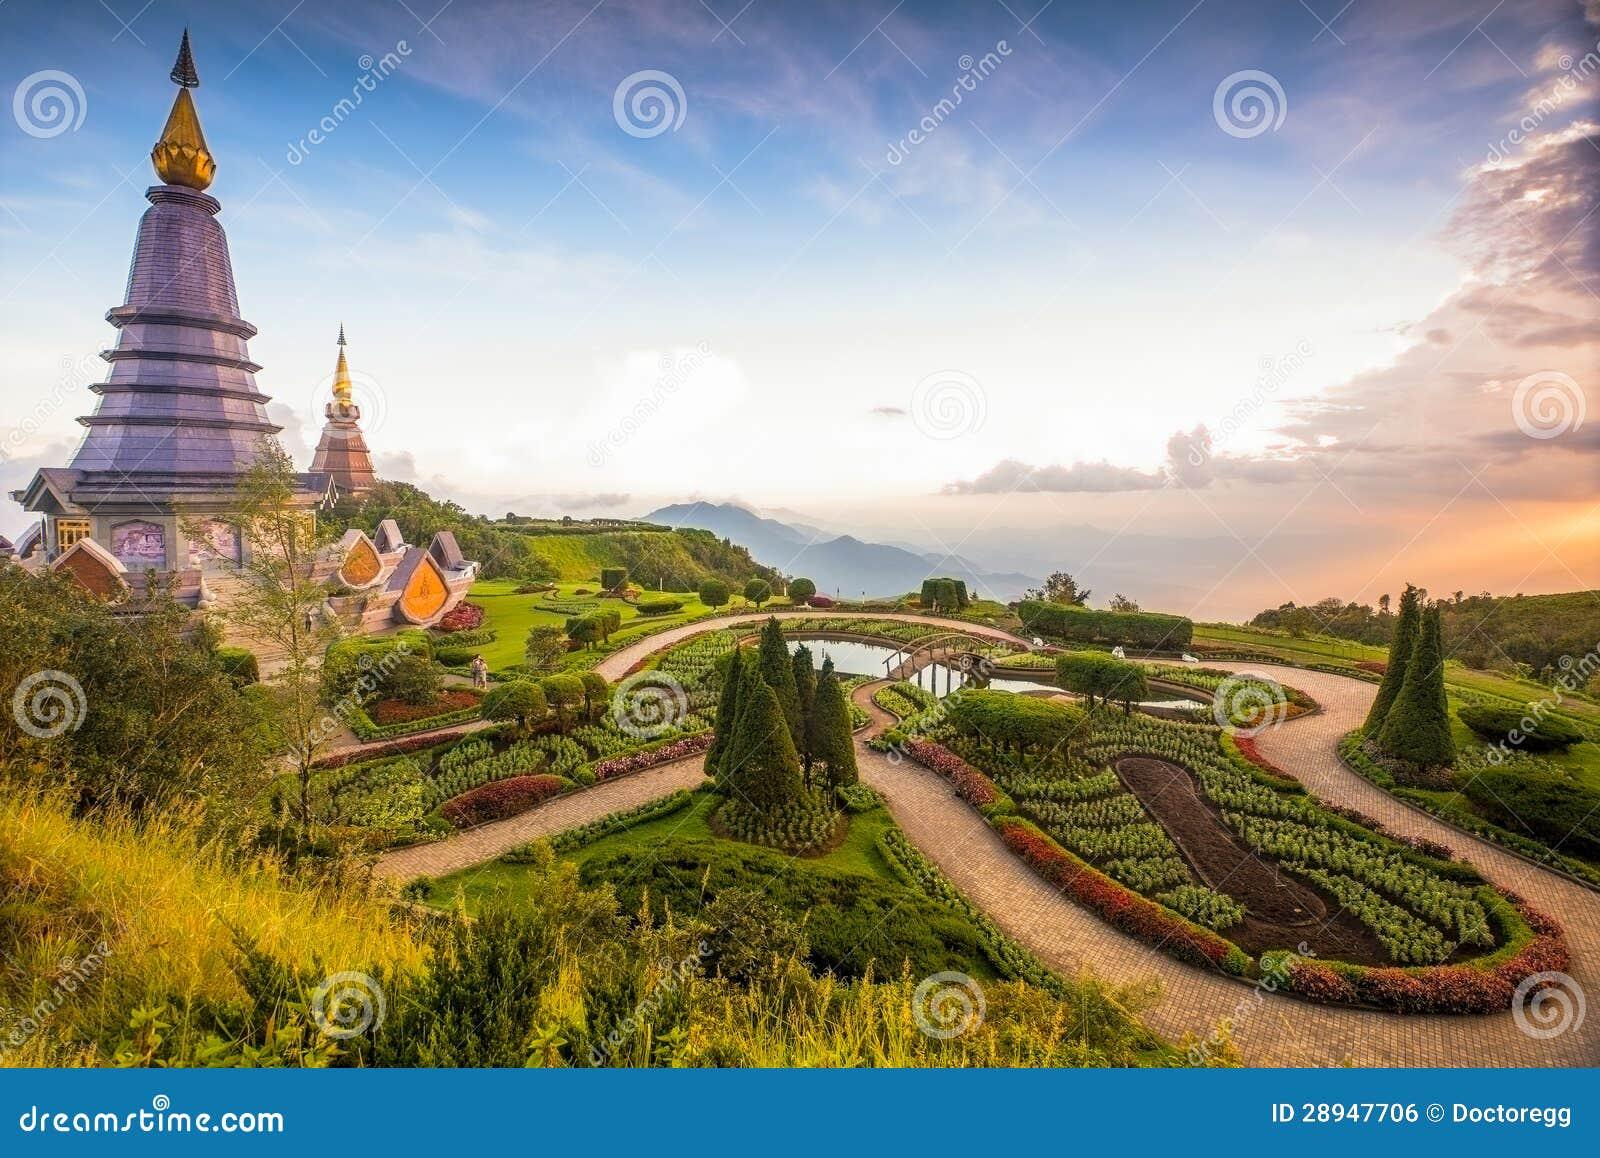 Doi Inthanon, Chiang Mai, septentrional de Tailandia